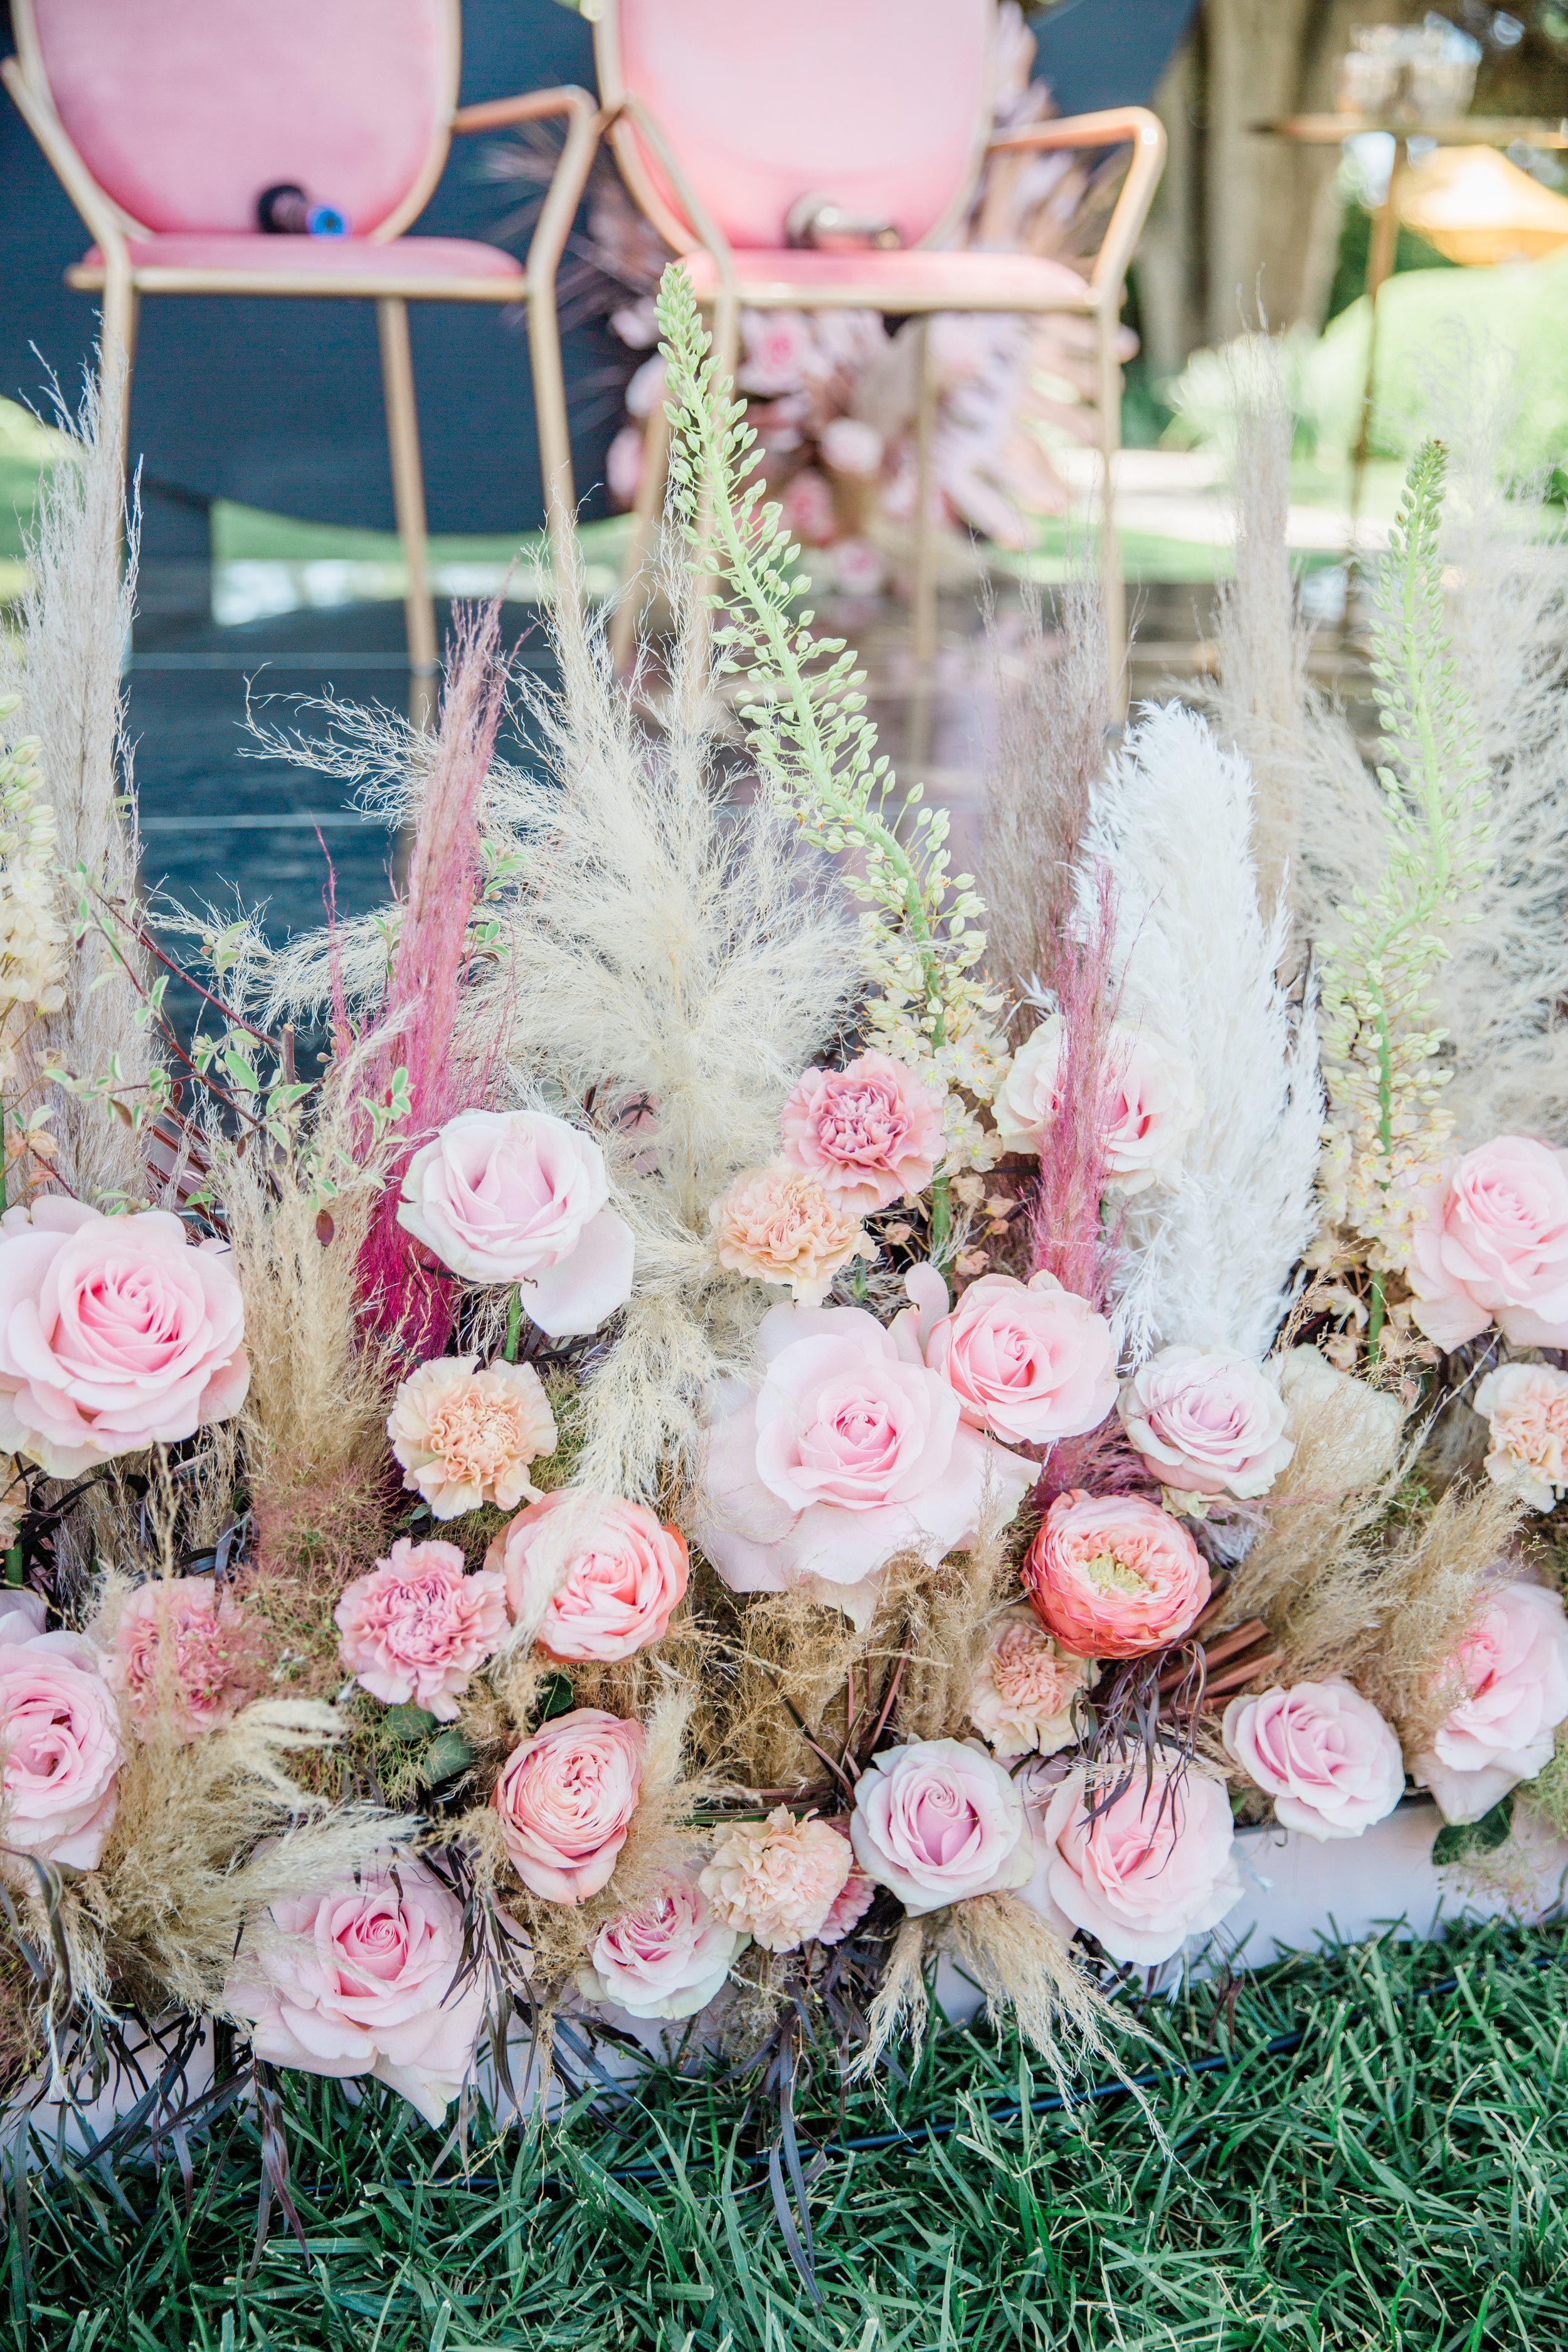 Summerland 2019 - Lauren Alisse Photography-4.jpg